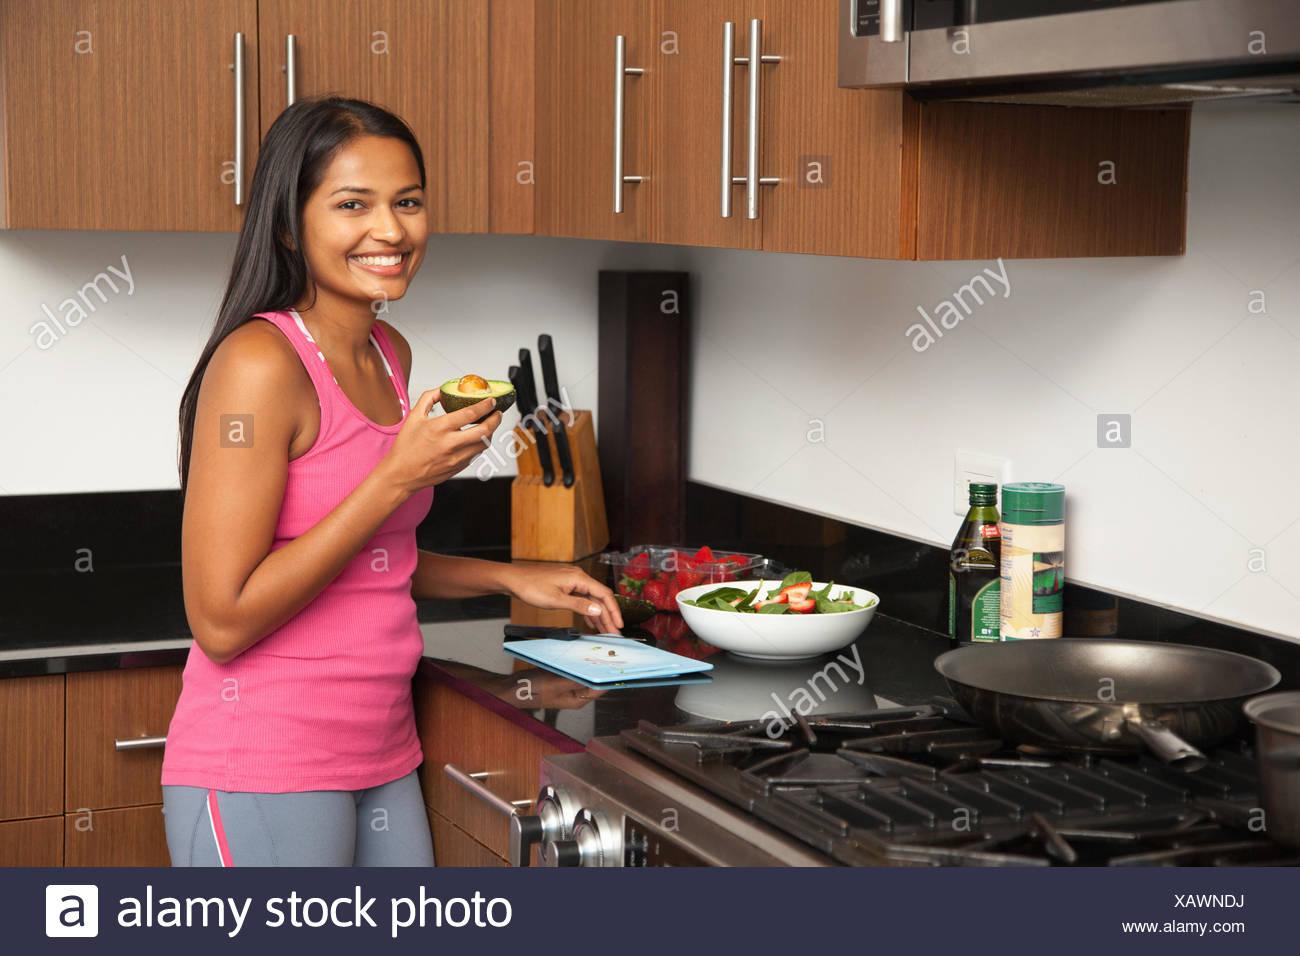 La donna la preparazione di insalata in cucina Immagini Stock